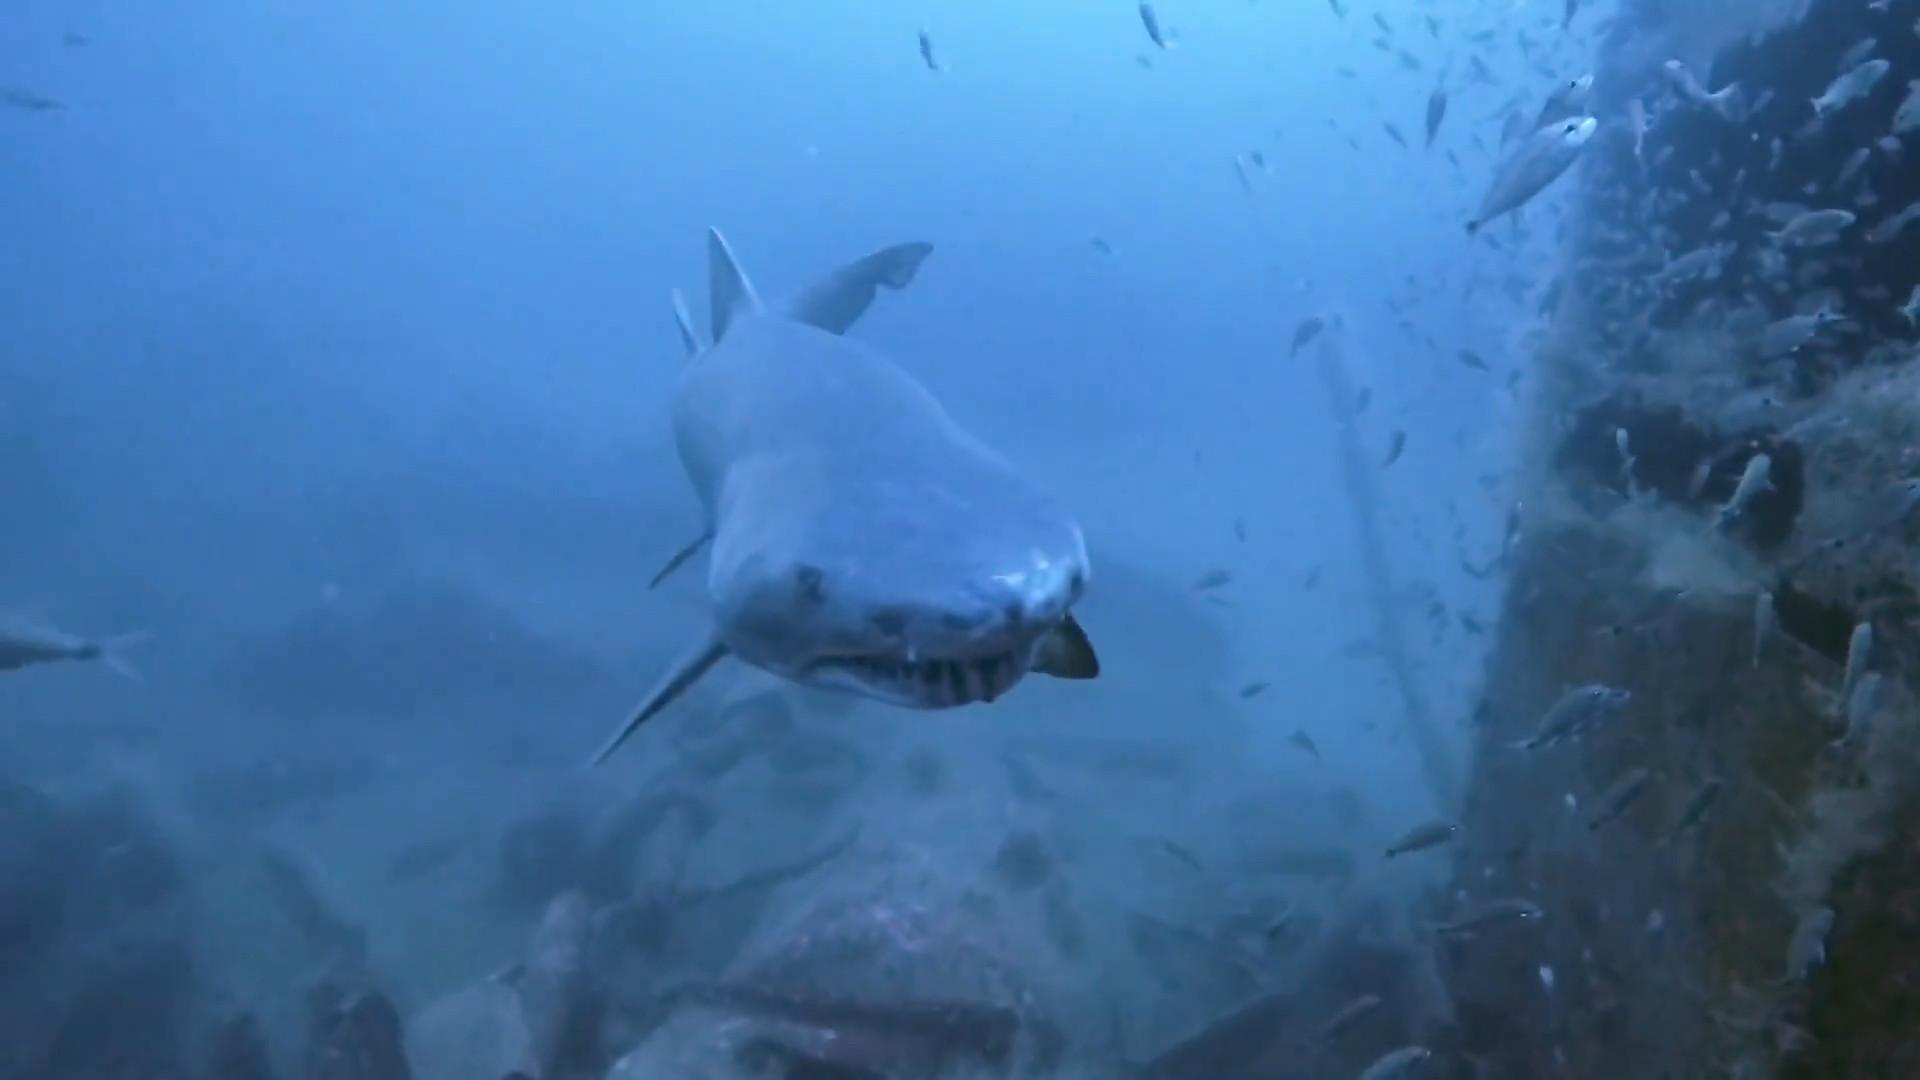 Mergulhadora é surpreendida por tubarão na costa da Carolina do Norte